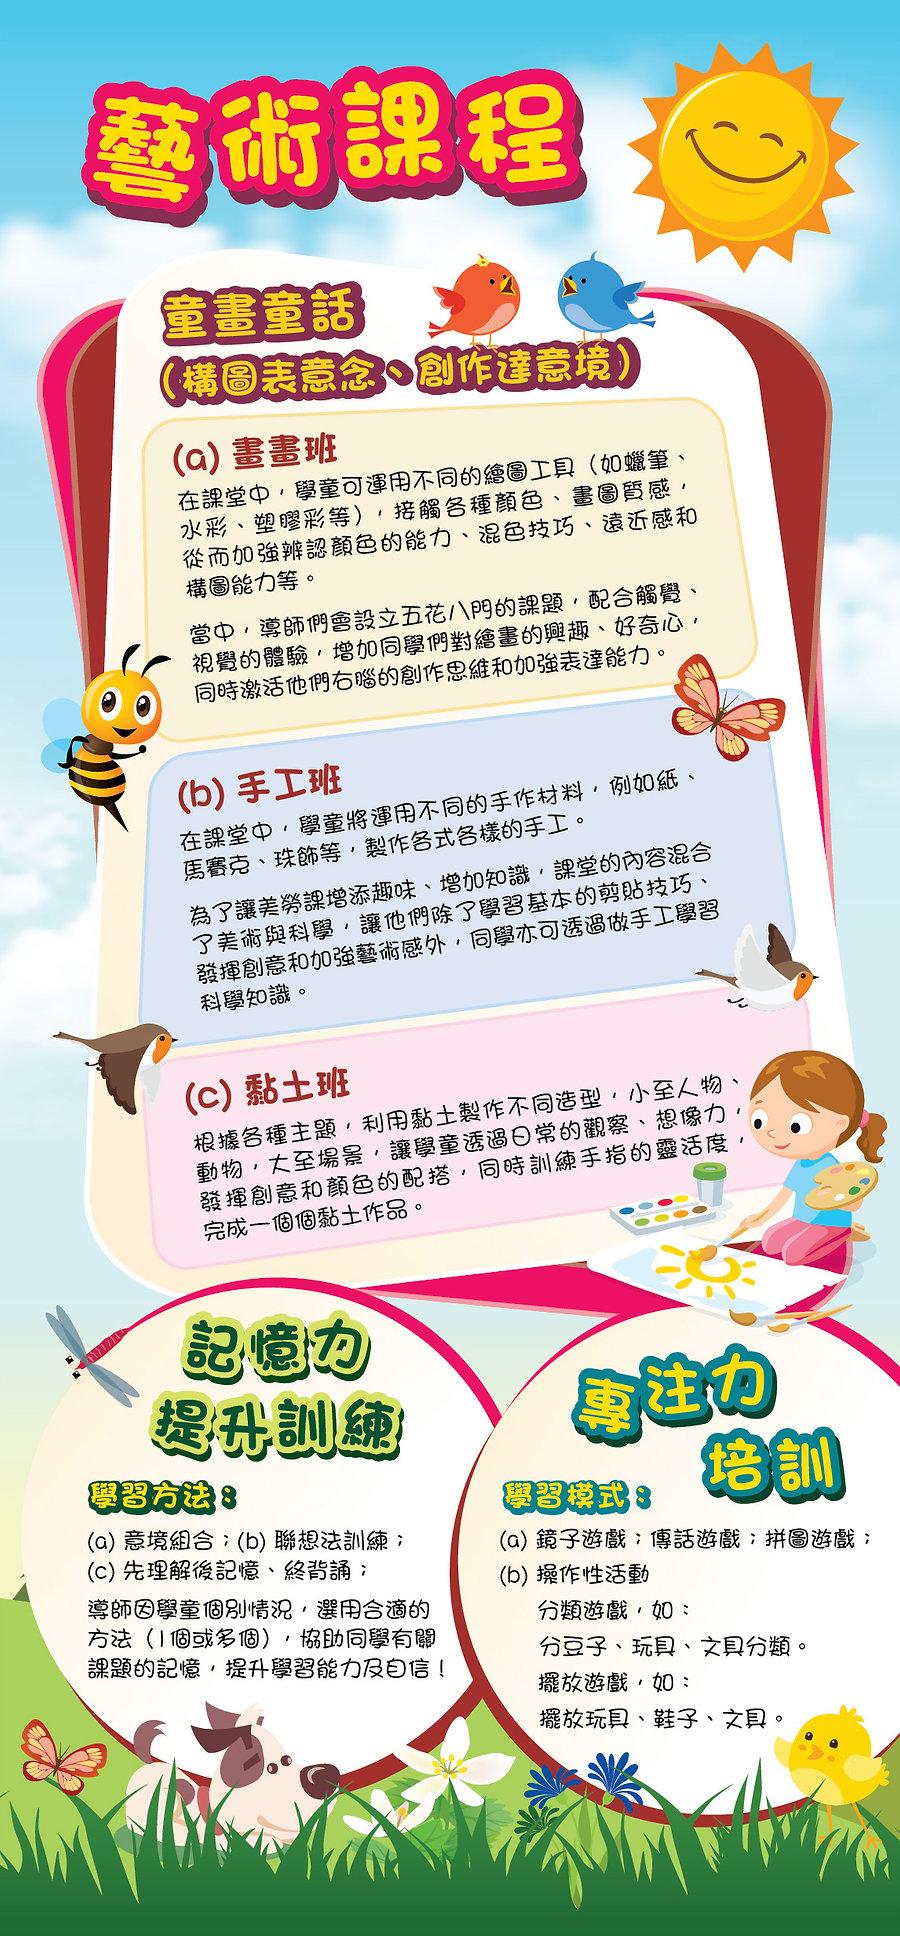 智趣星 leaflet-05.jpg